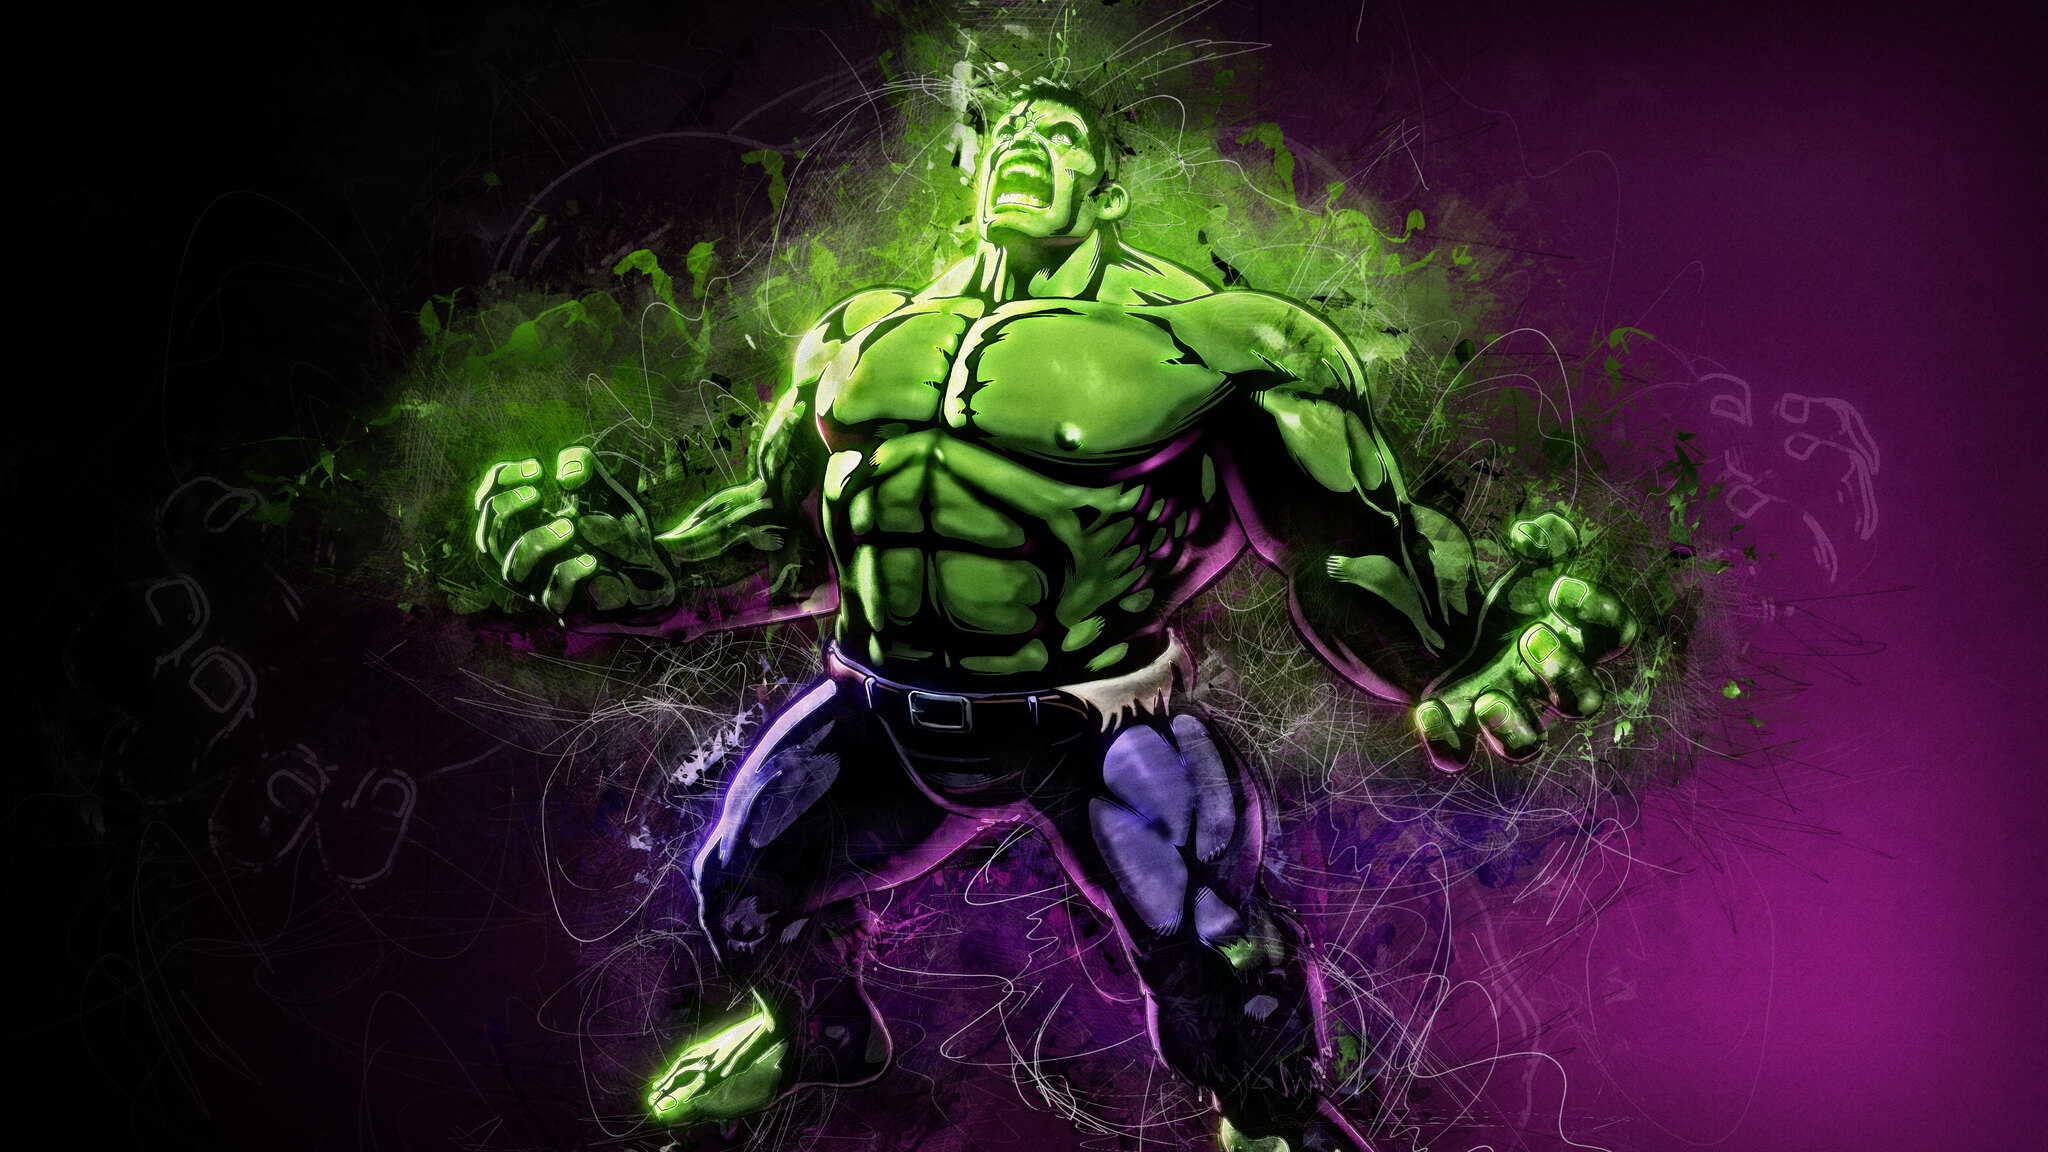 2048x1152 Hulk Artwork 4k 2048x1152 Resolution Hd 4k